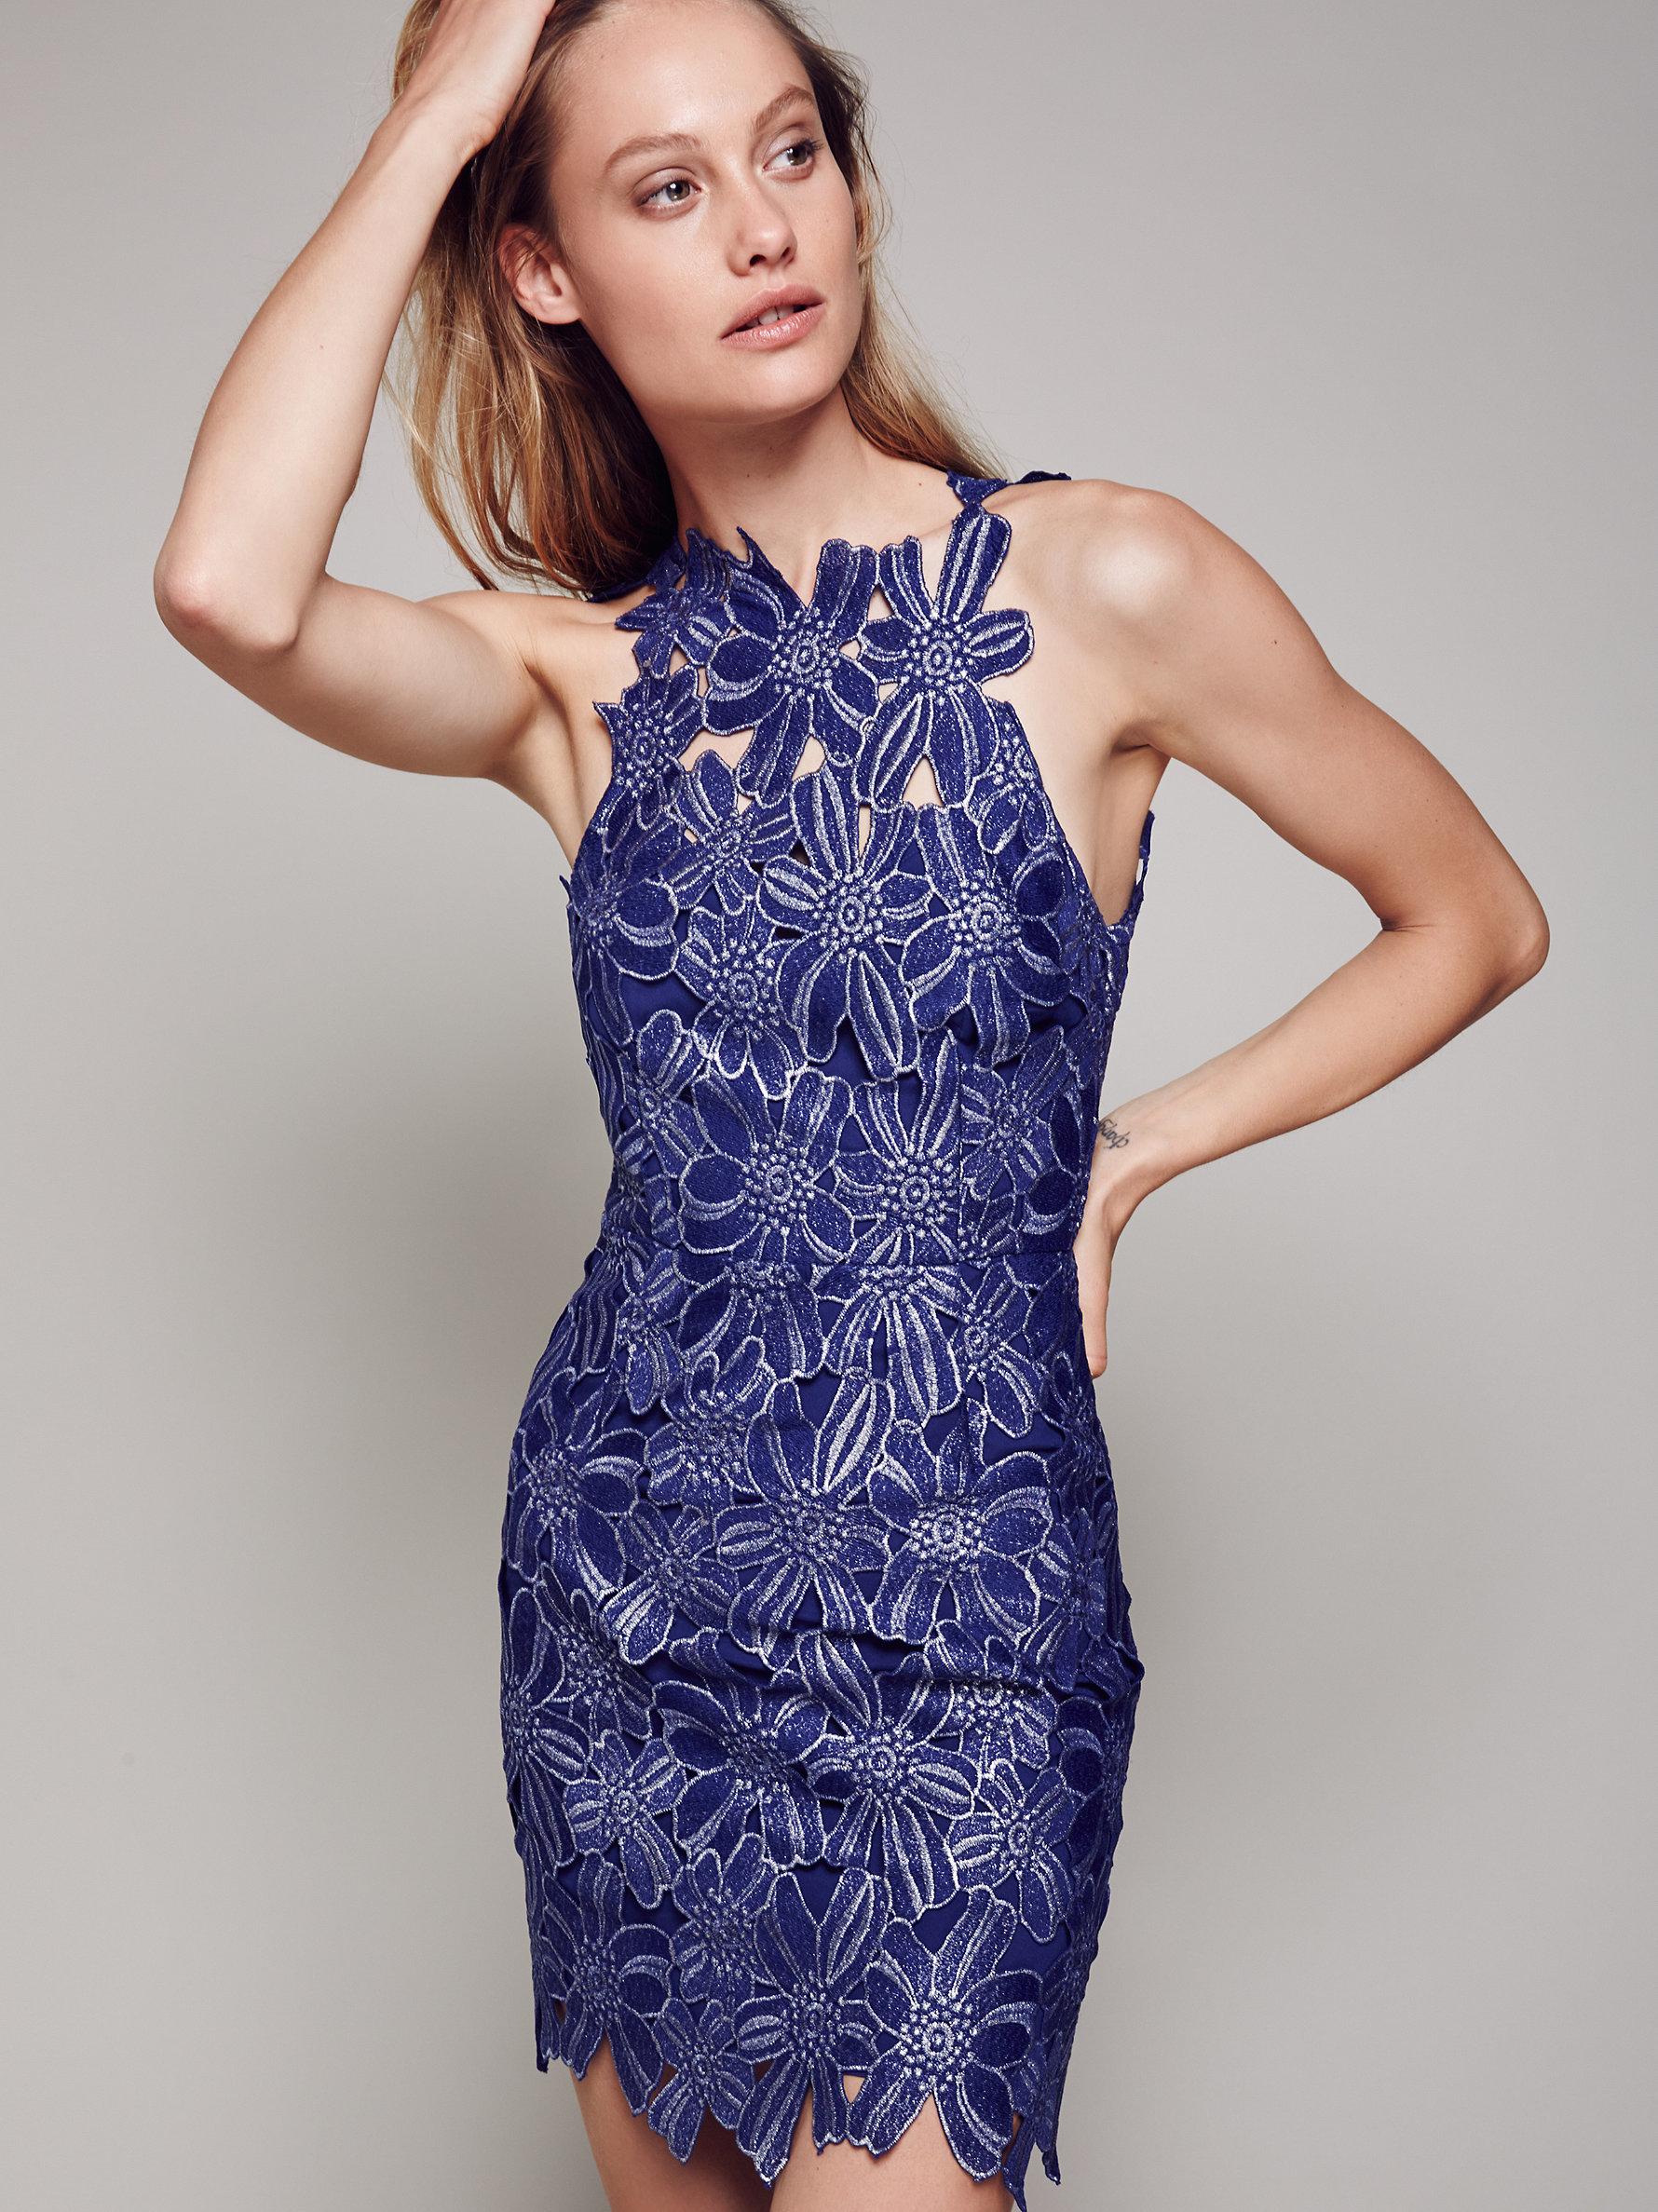 Lyst - Free People Jessa Foil Lace Dress in Blue c1706fad0